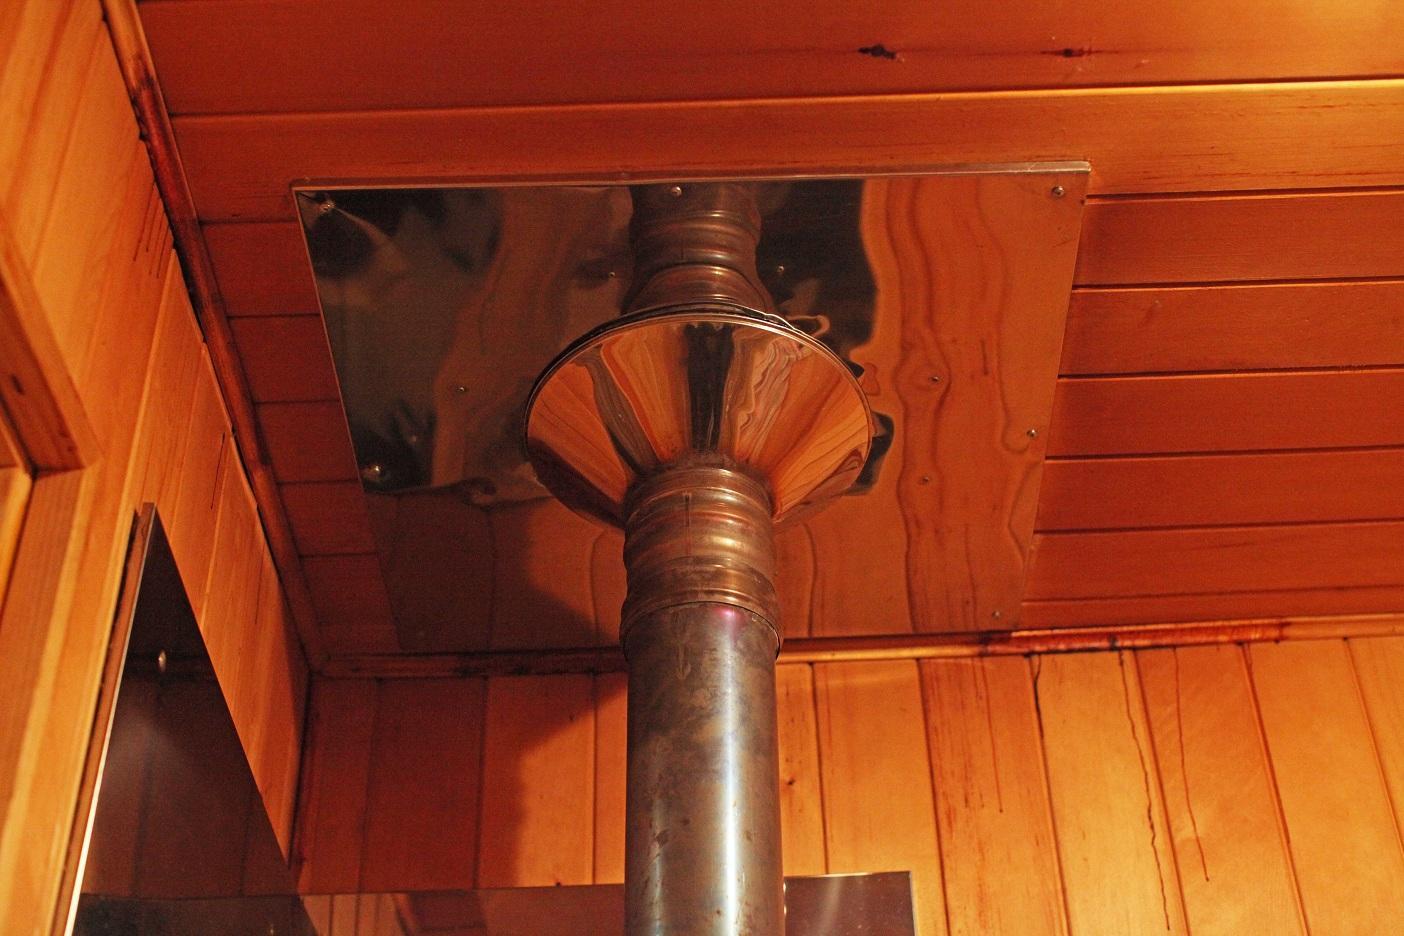 установка печи в деревянном доме